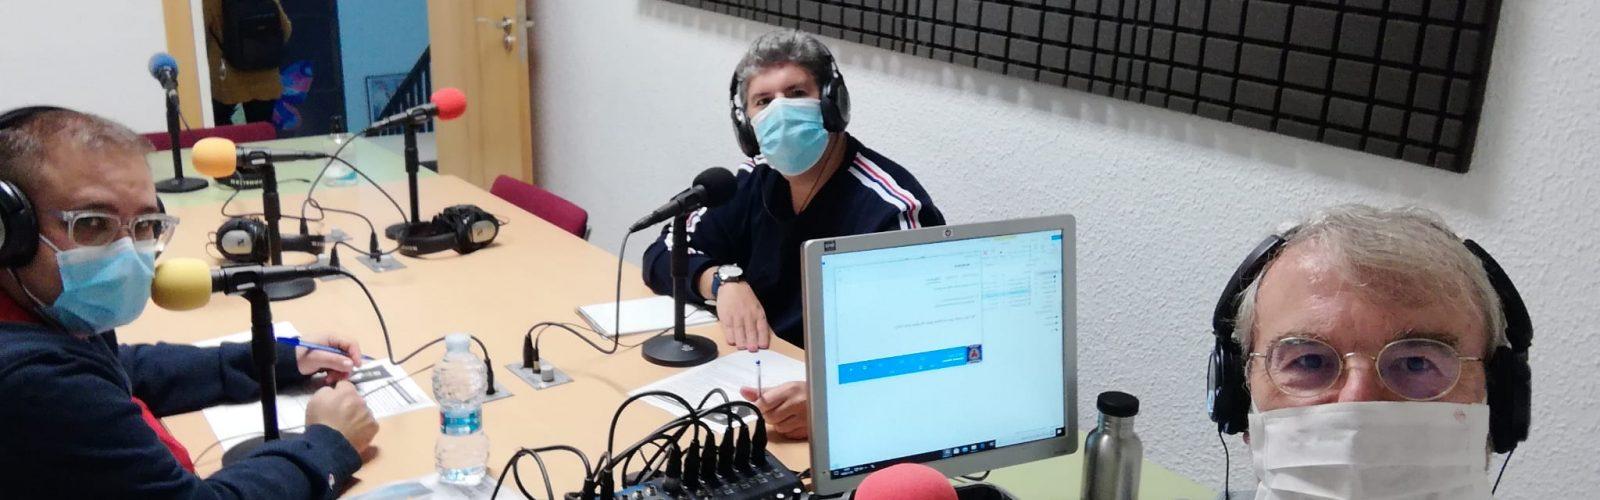 Ràdio Oberta